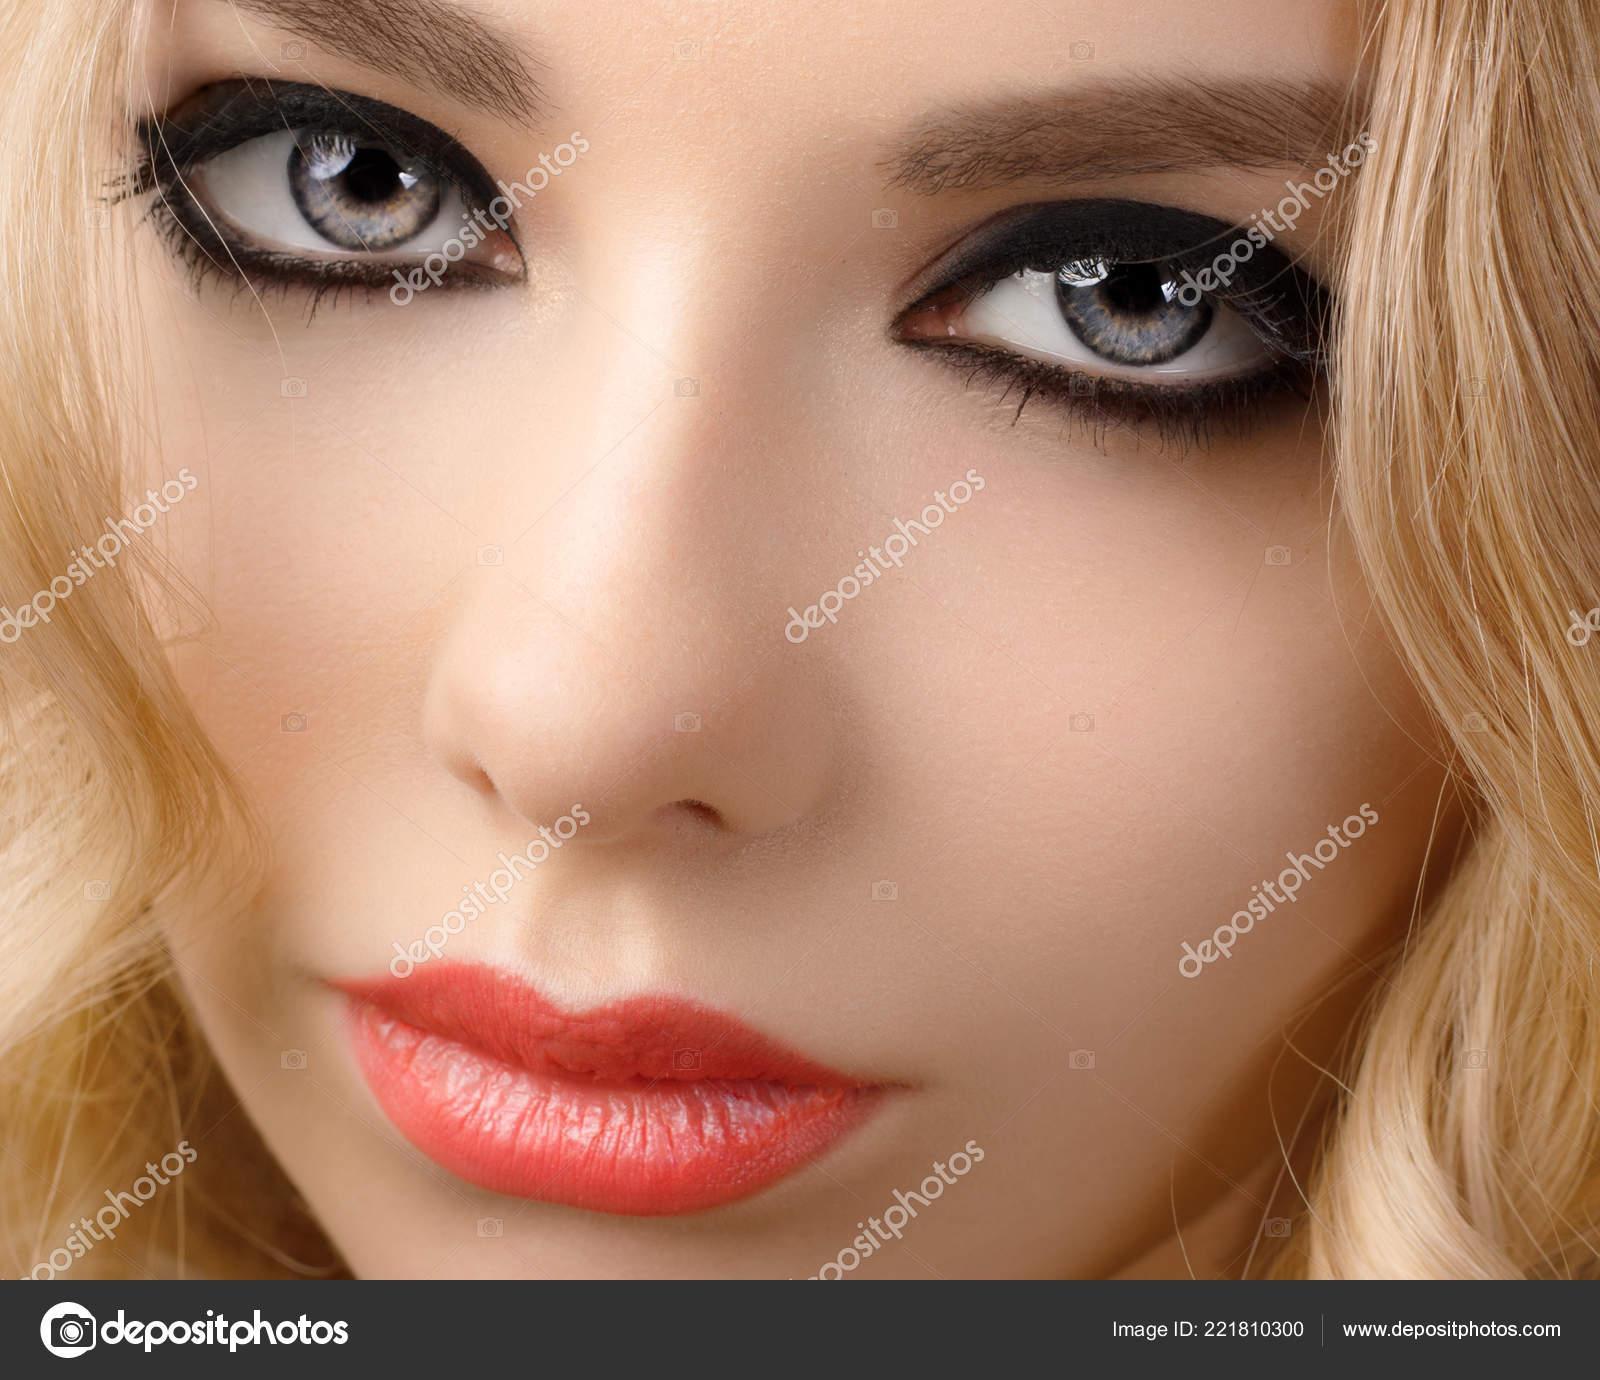 Opinion teen model ru agree